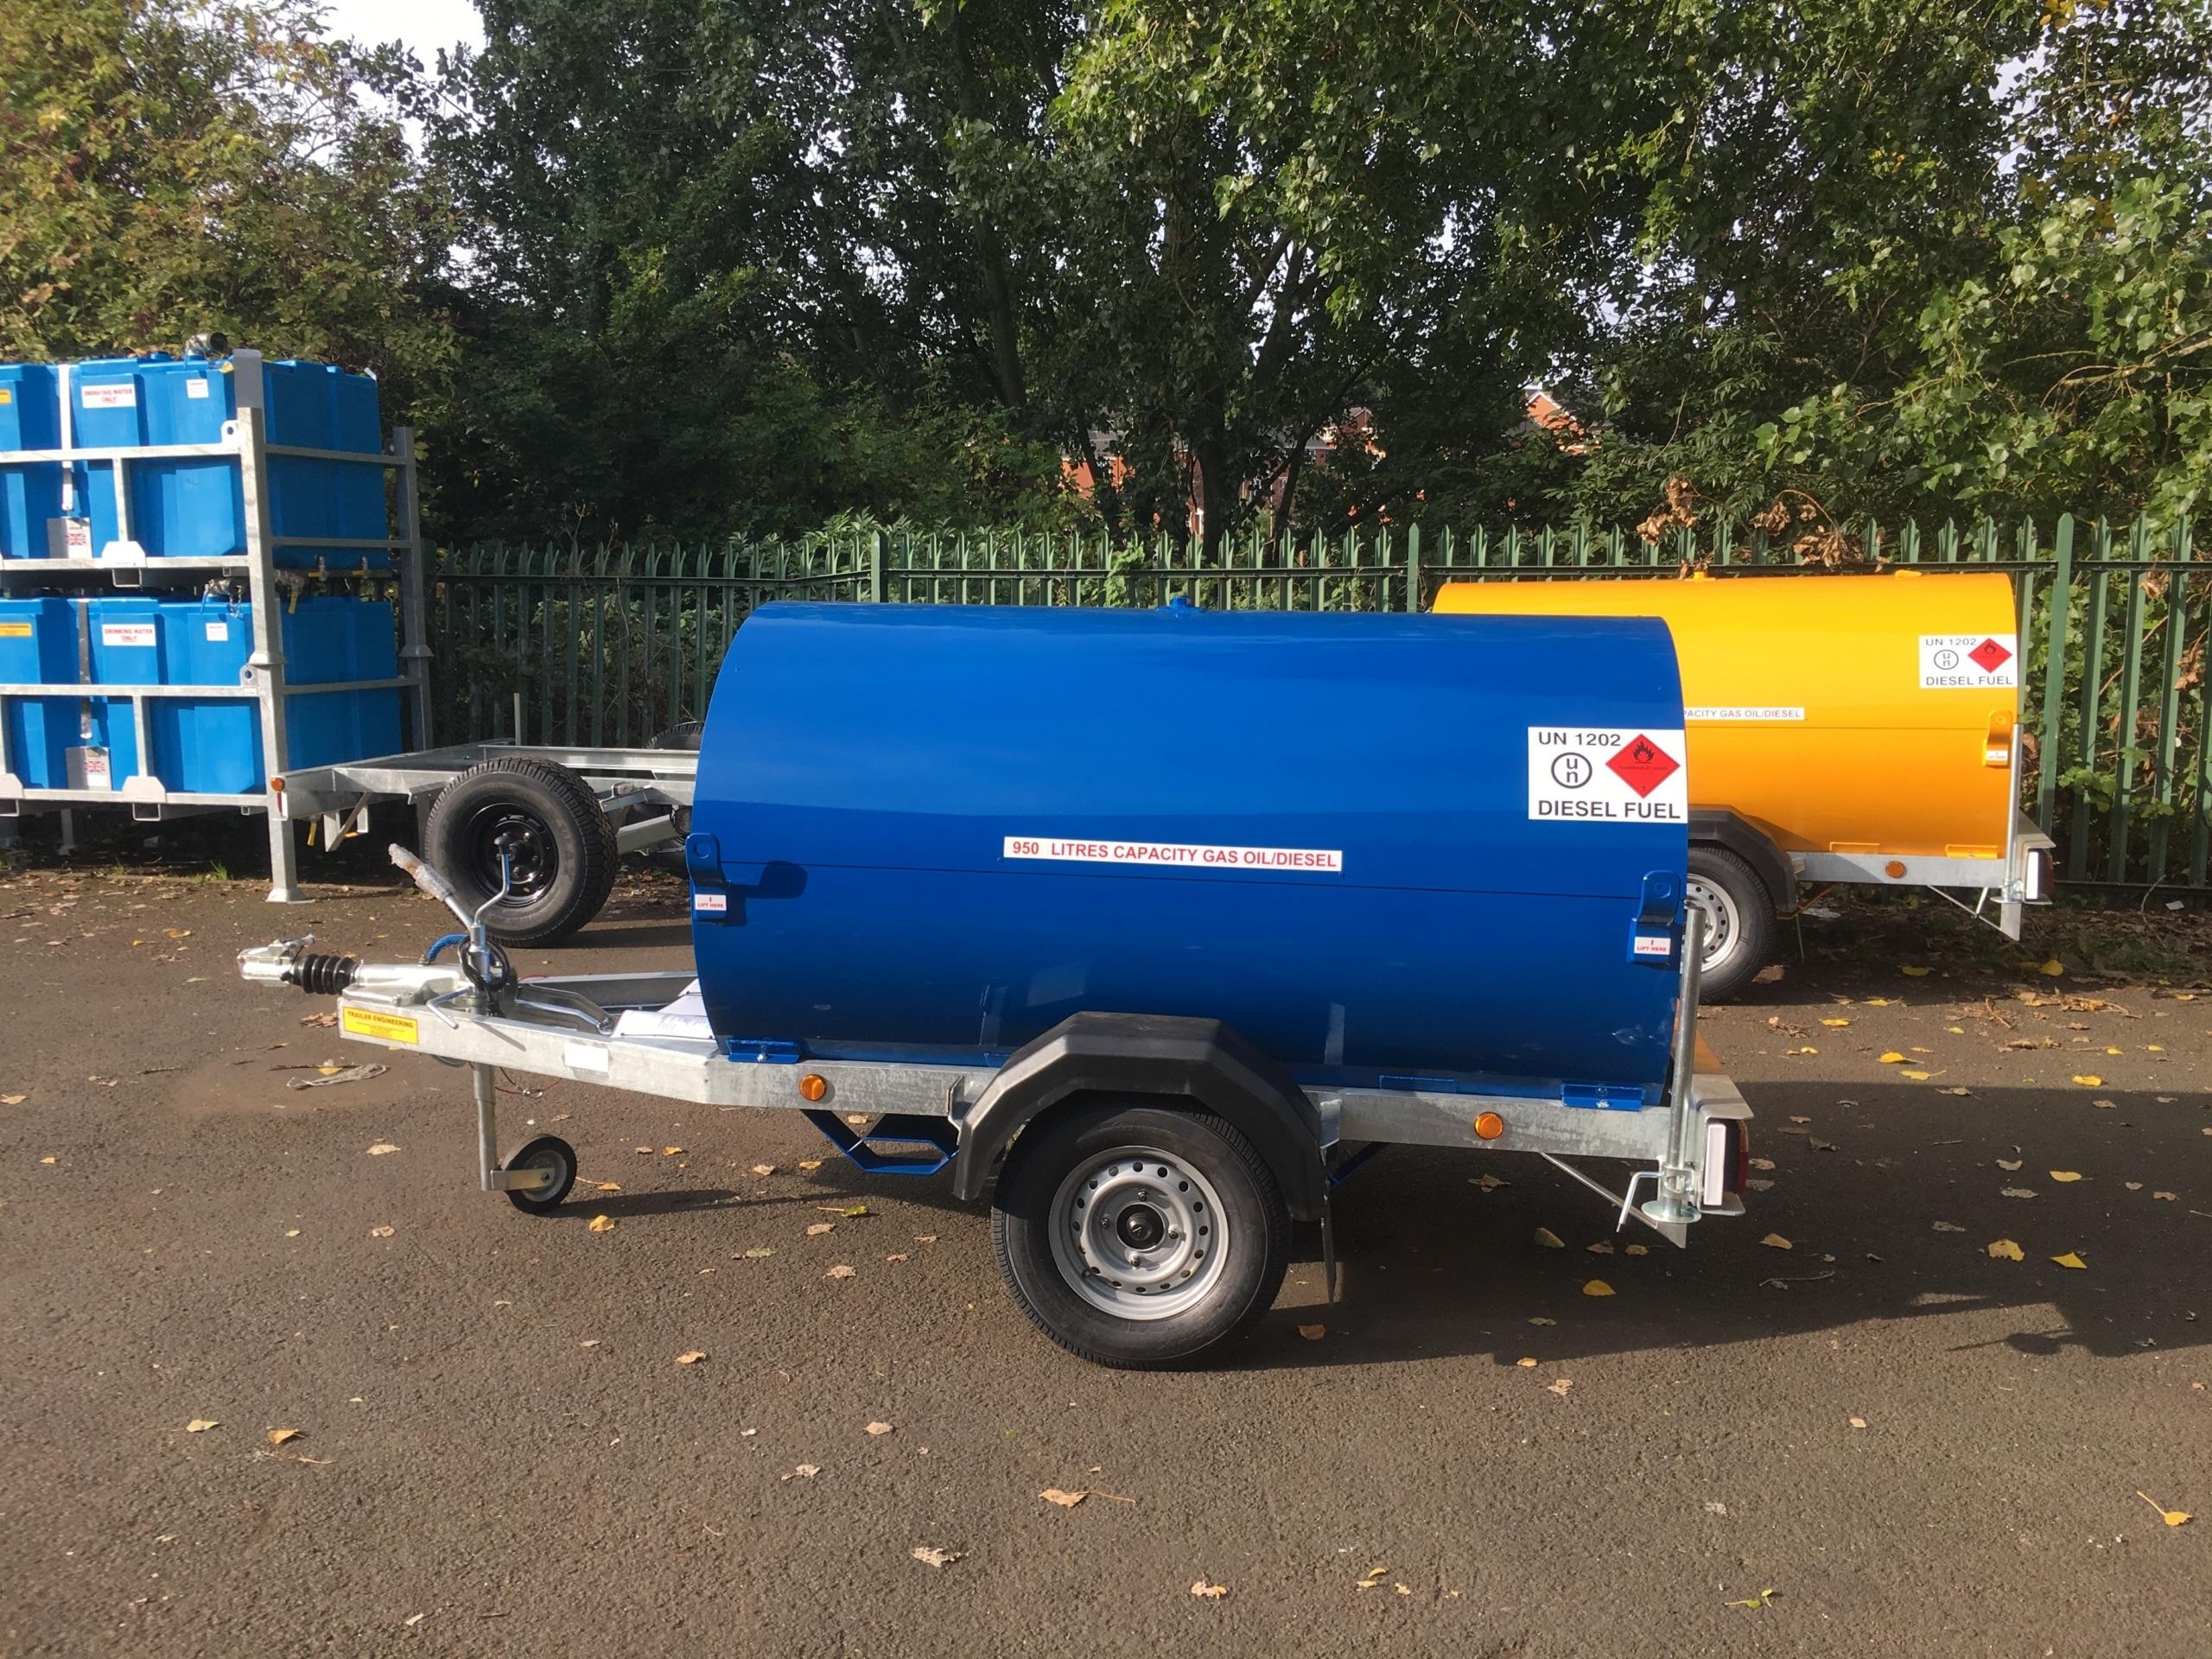 Blue 950 Litre Road Tow Fuel Bowser